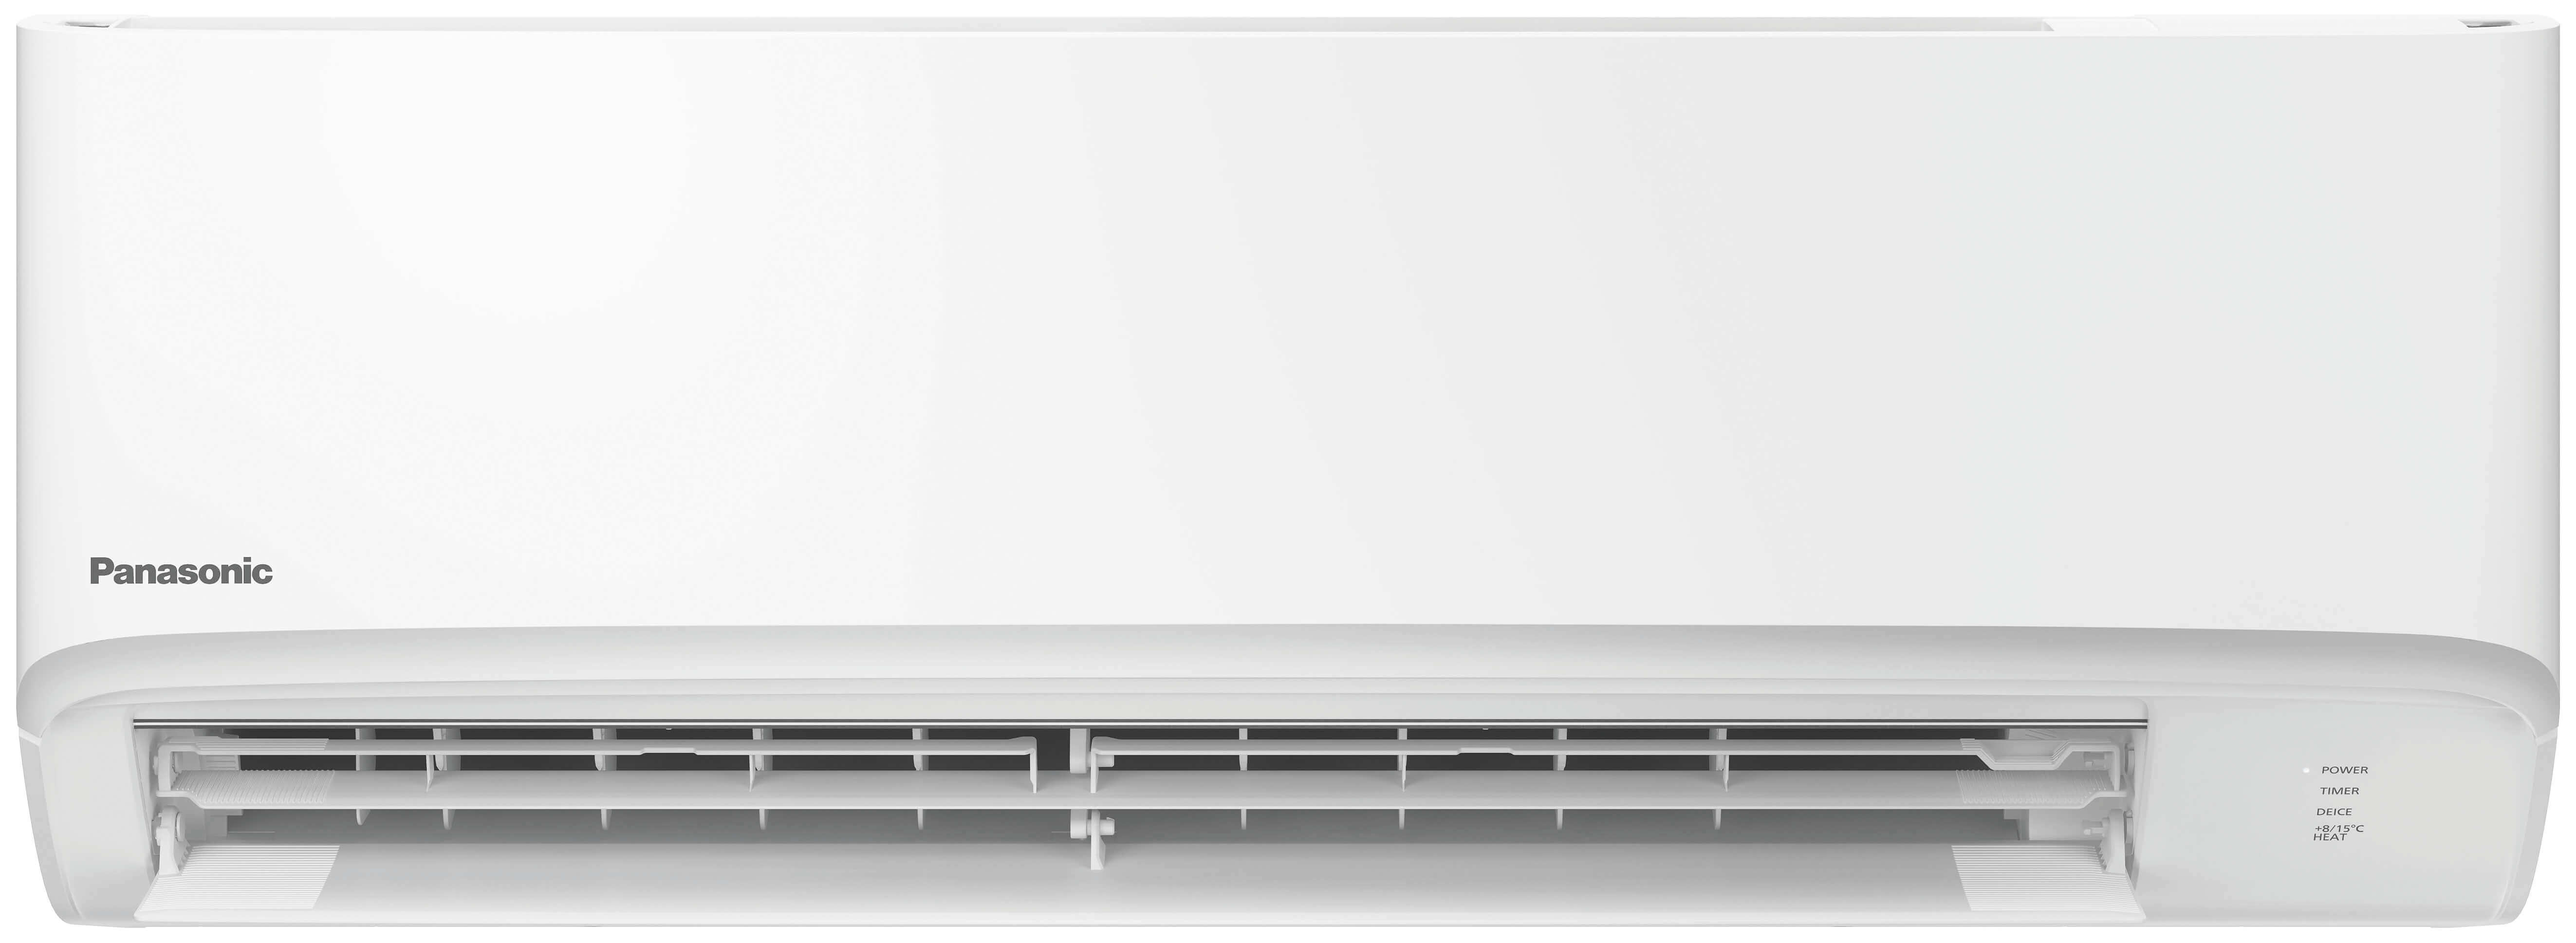 Effet douche de la climatisation bibloc murale Panasonic CZ